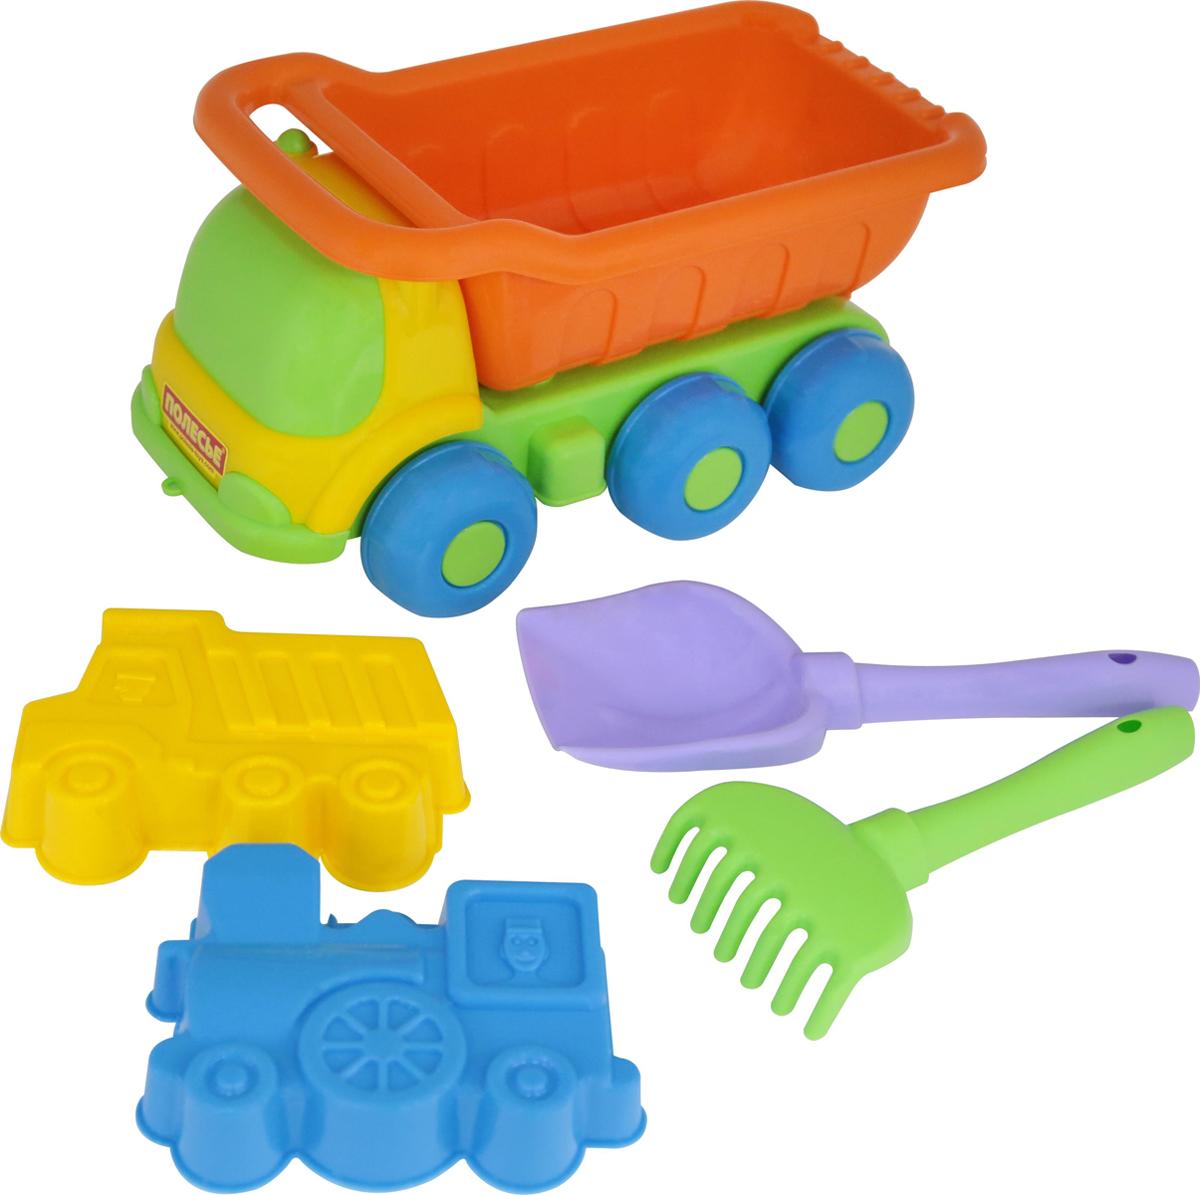 Полесье Набор игрушек для песочницы №269 Кеша полесье набор игрушек для песочницы 73